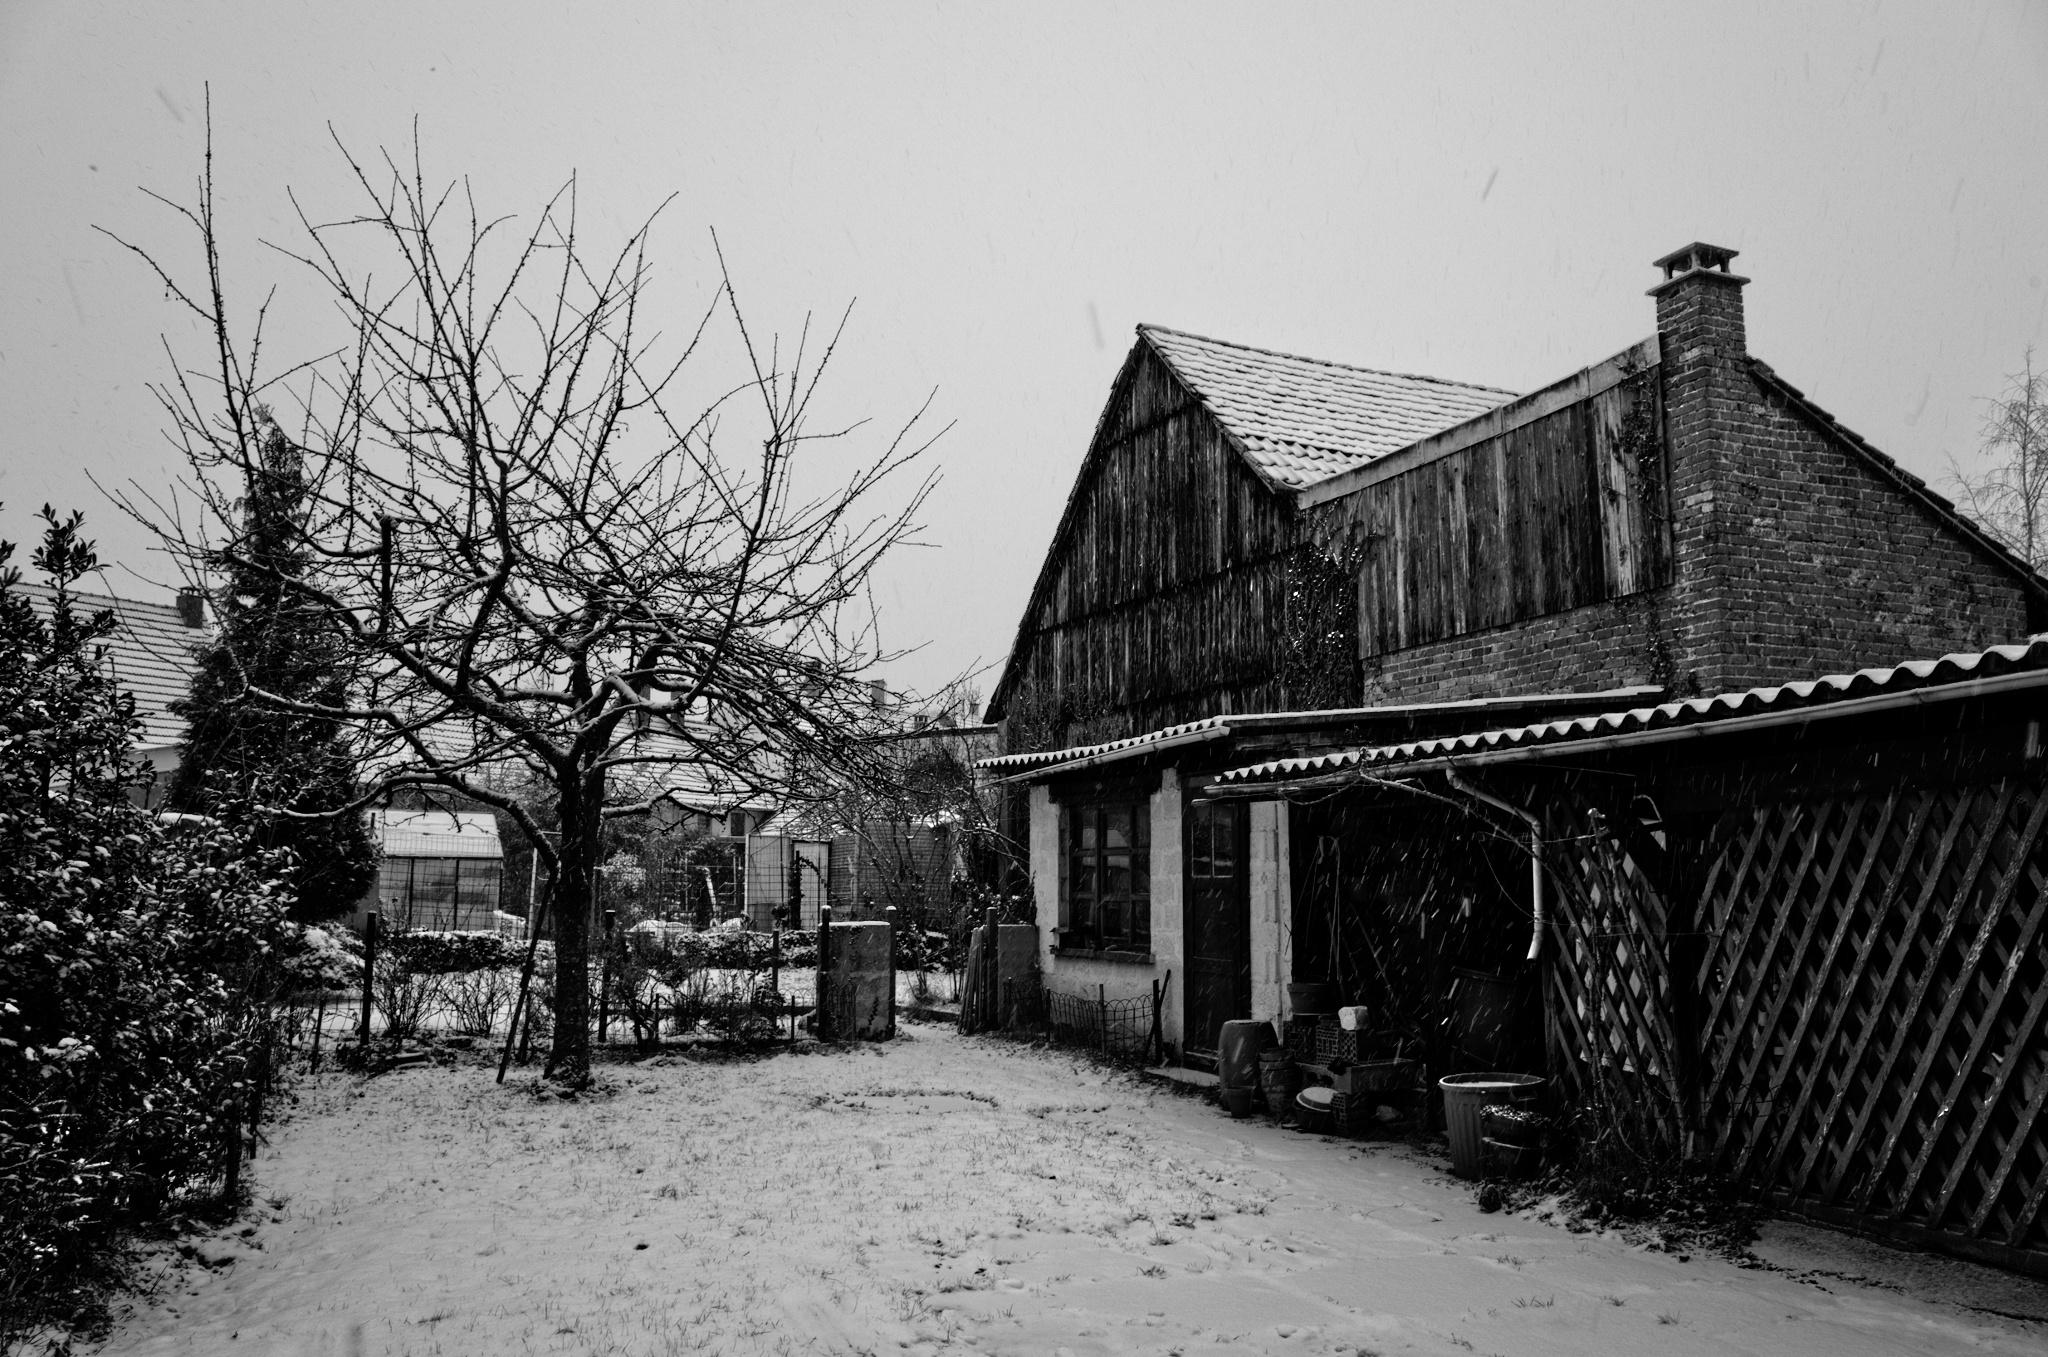 Un voyage #1 – Noël en Alsace